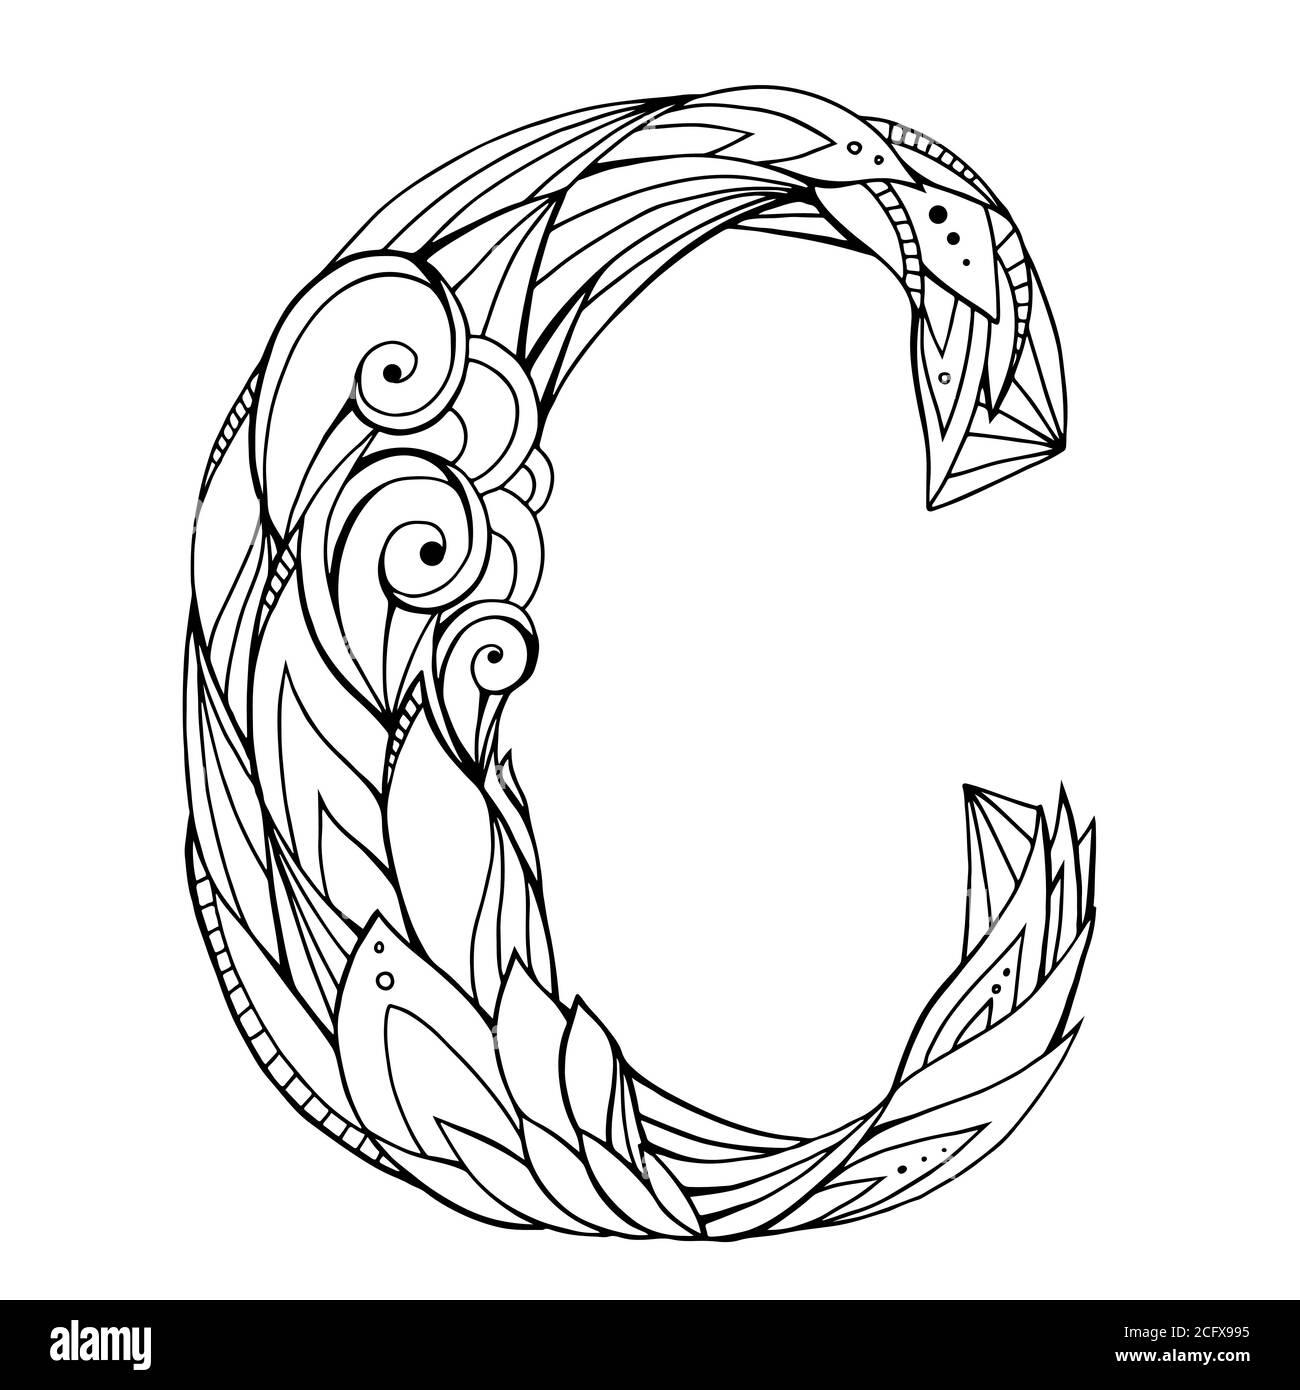 Dibujo a mano alzada en blanco y negro letra C con patrón de fideos florales. Elemento vectorial para su diseño Ilustración del Vector